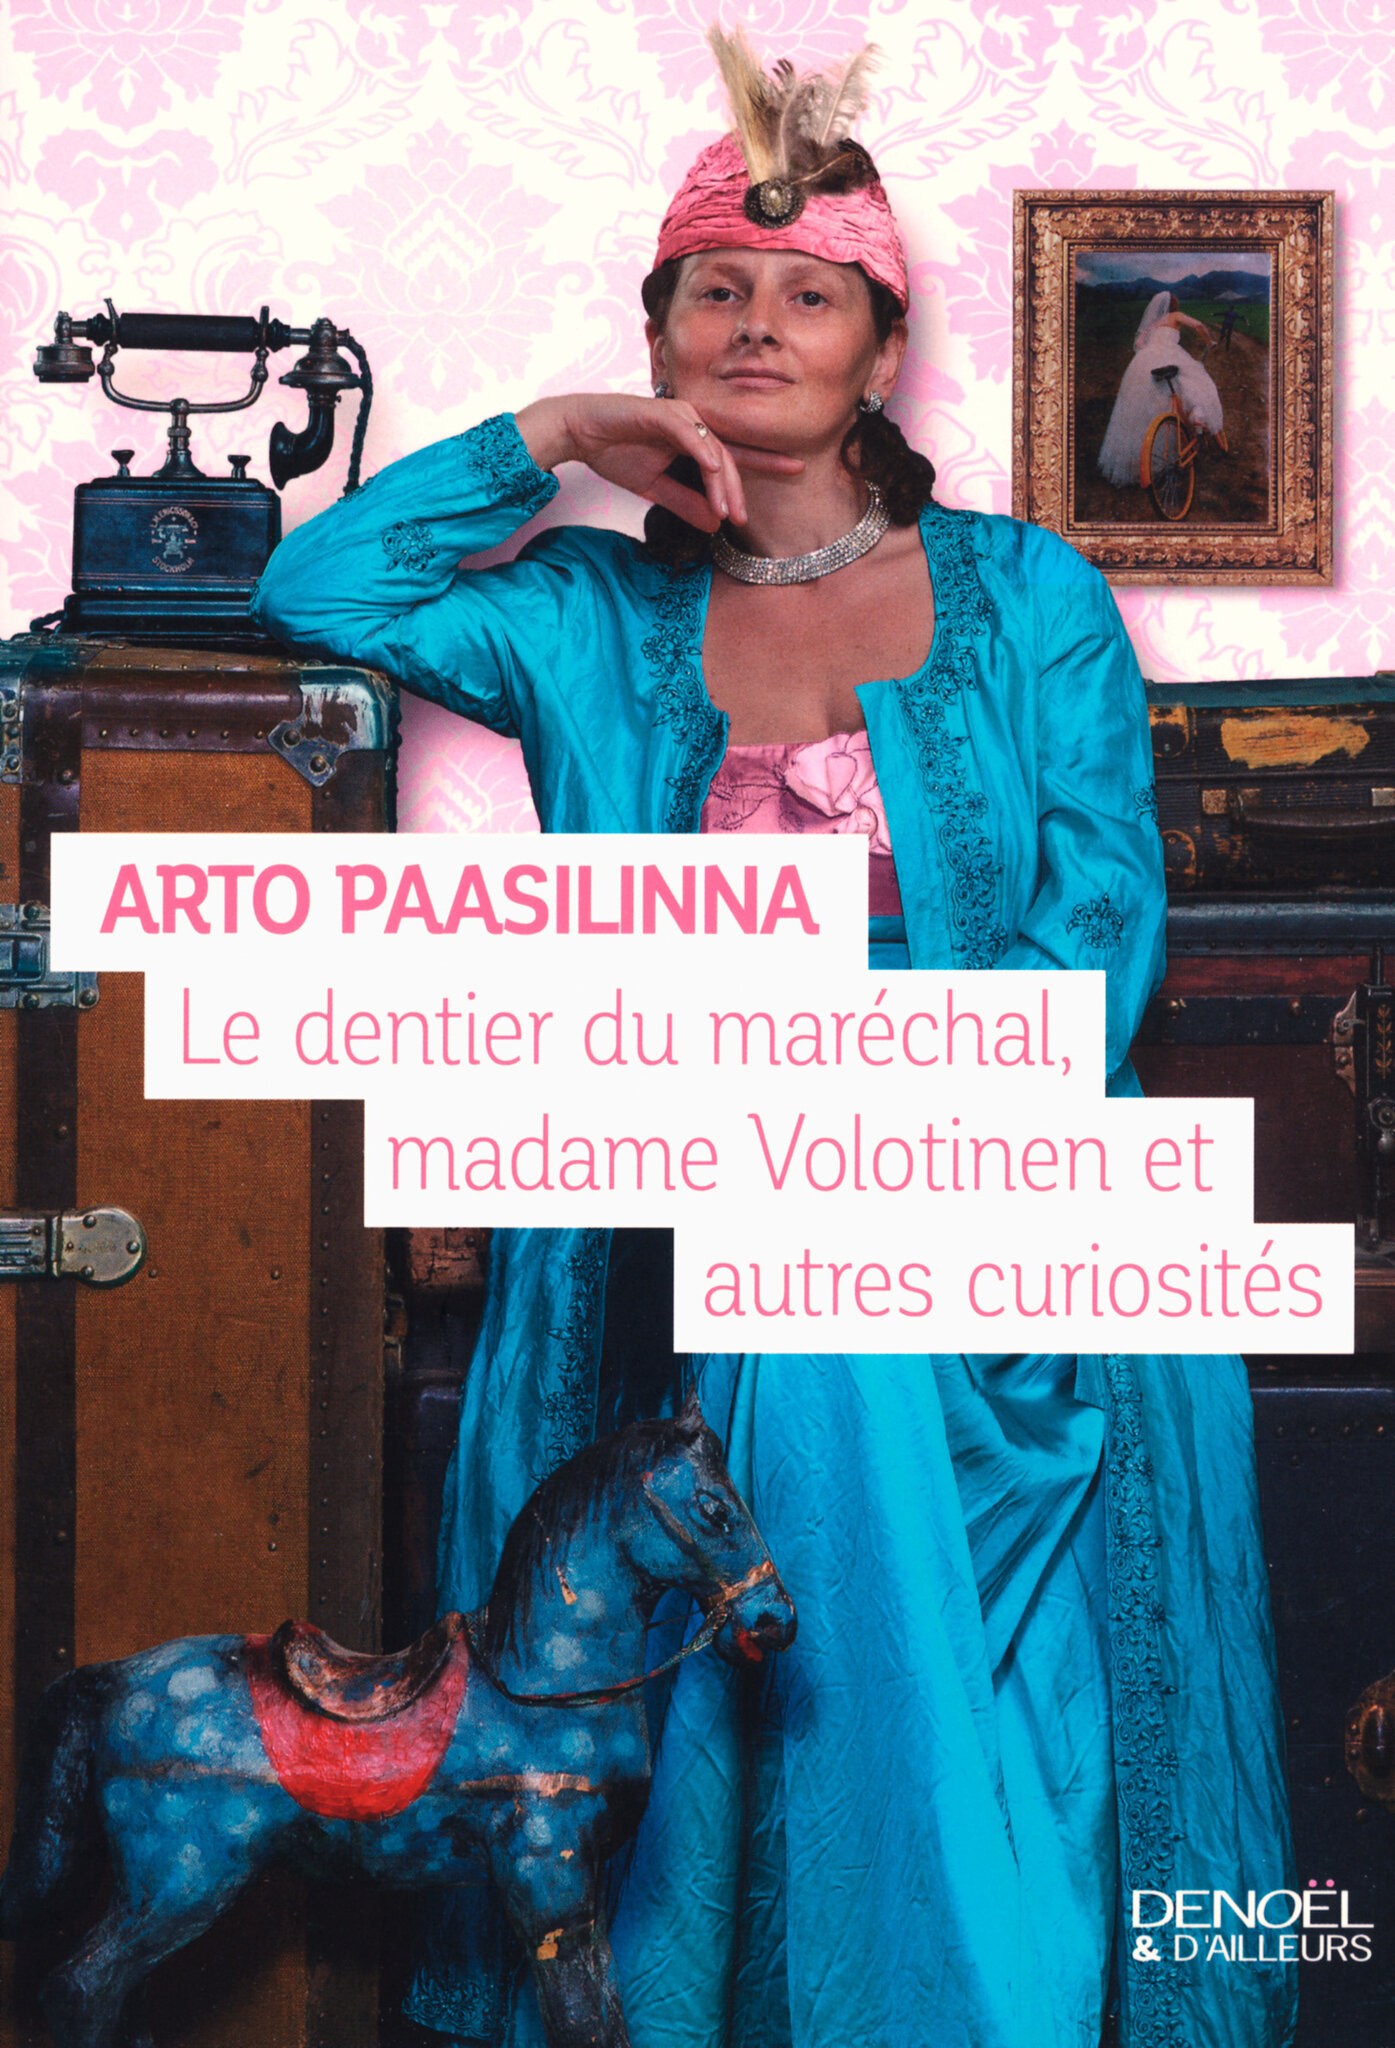 Le dentier du maréchal, madame Volotinen et autres curiosité